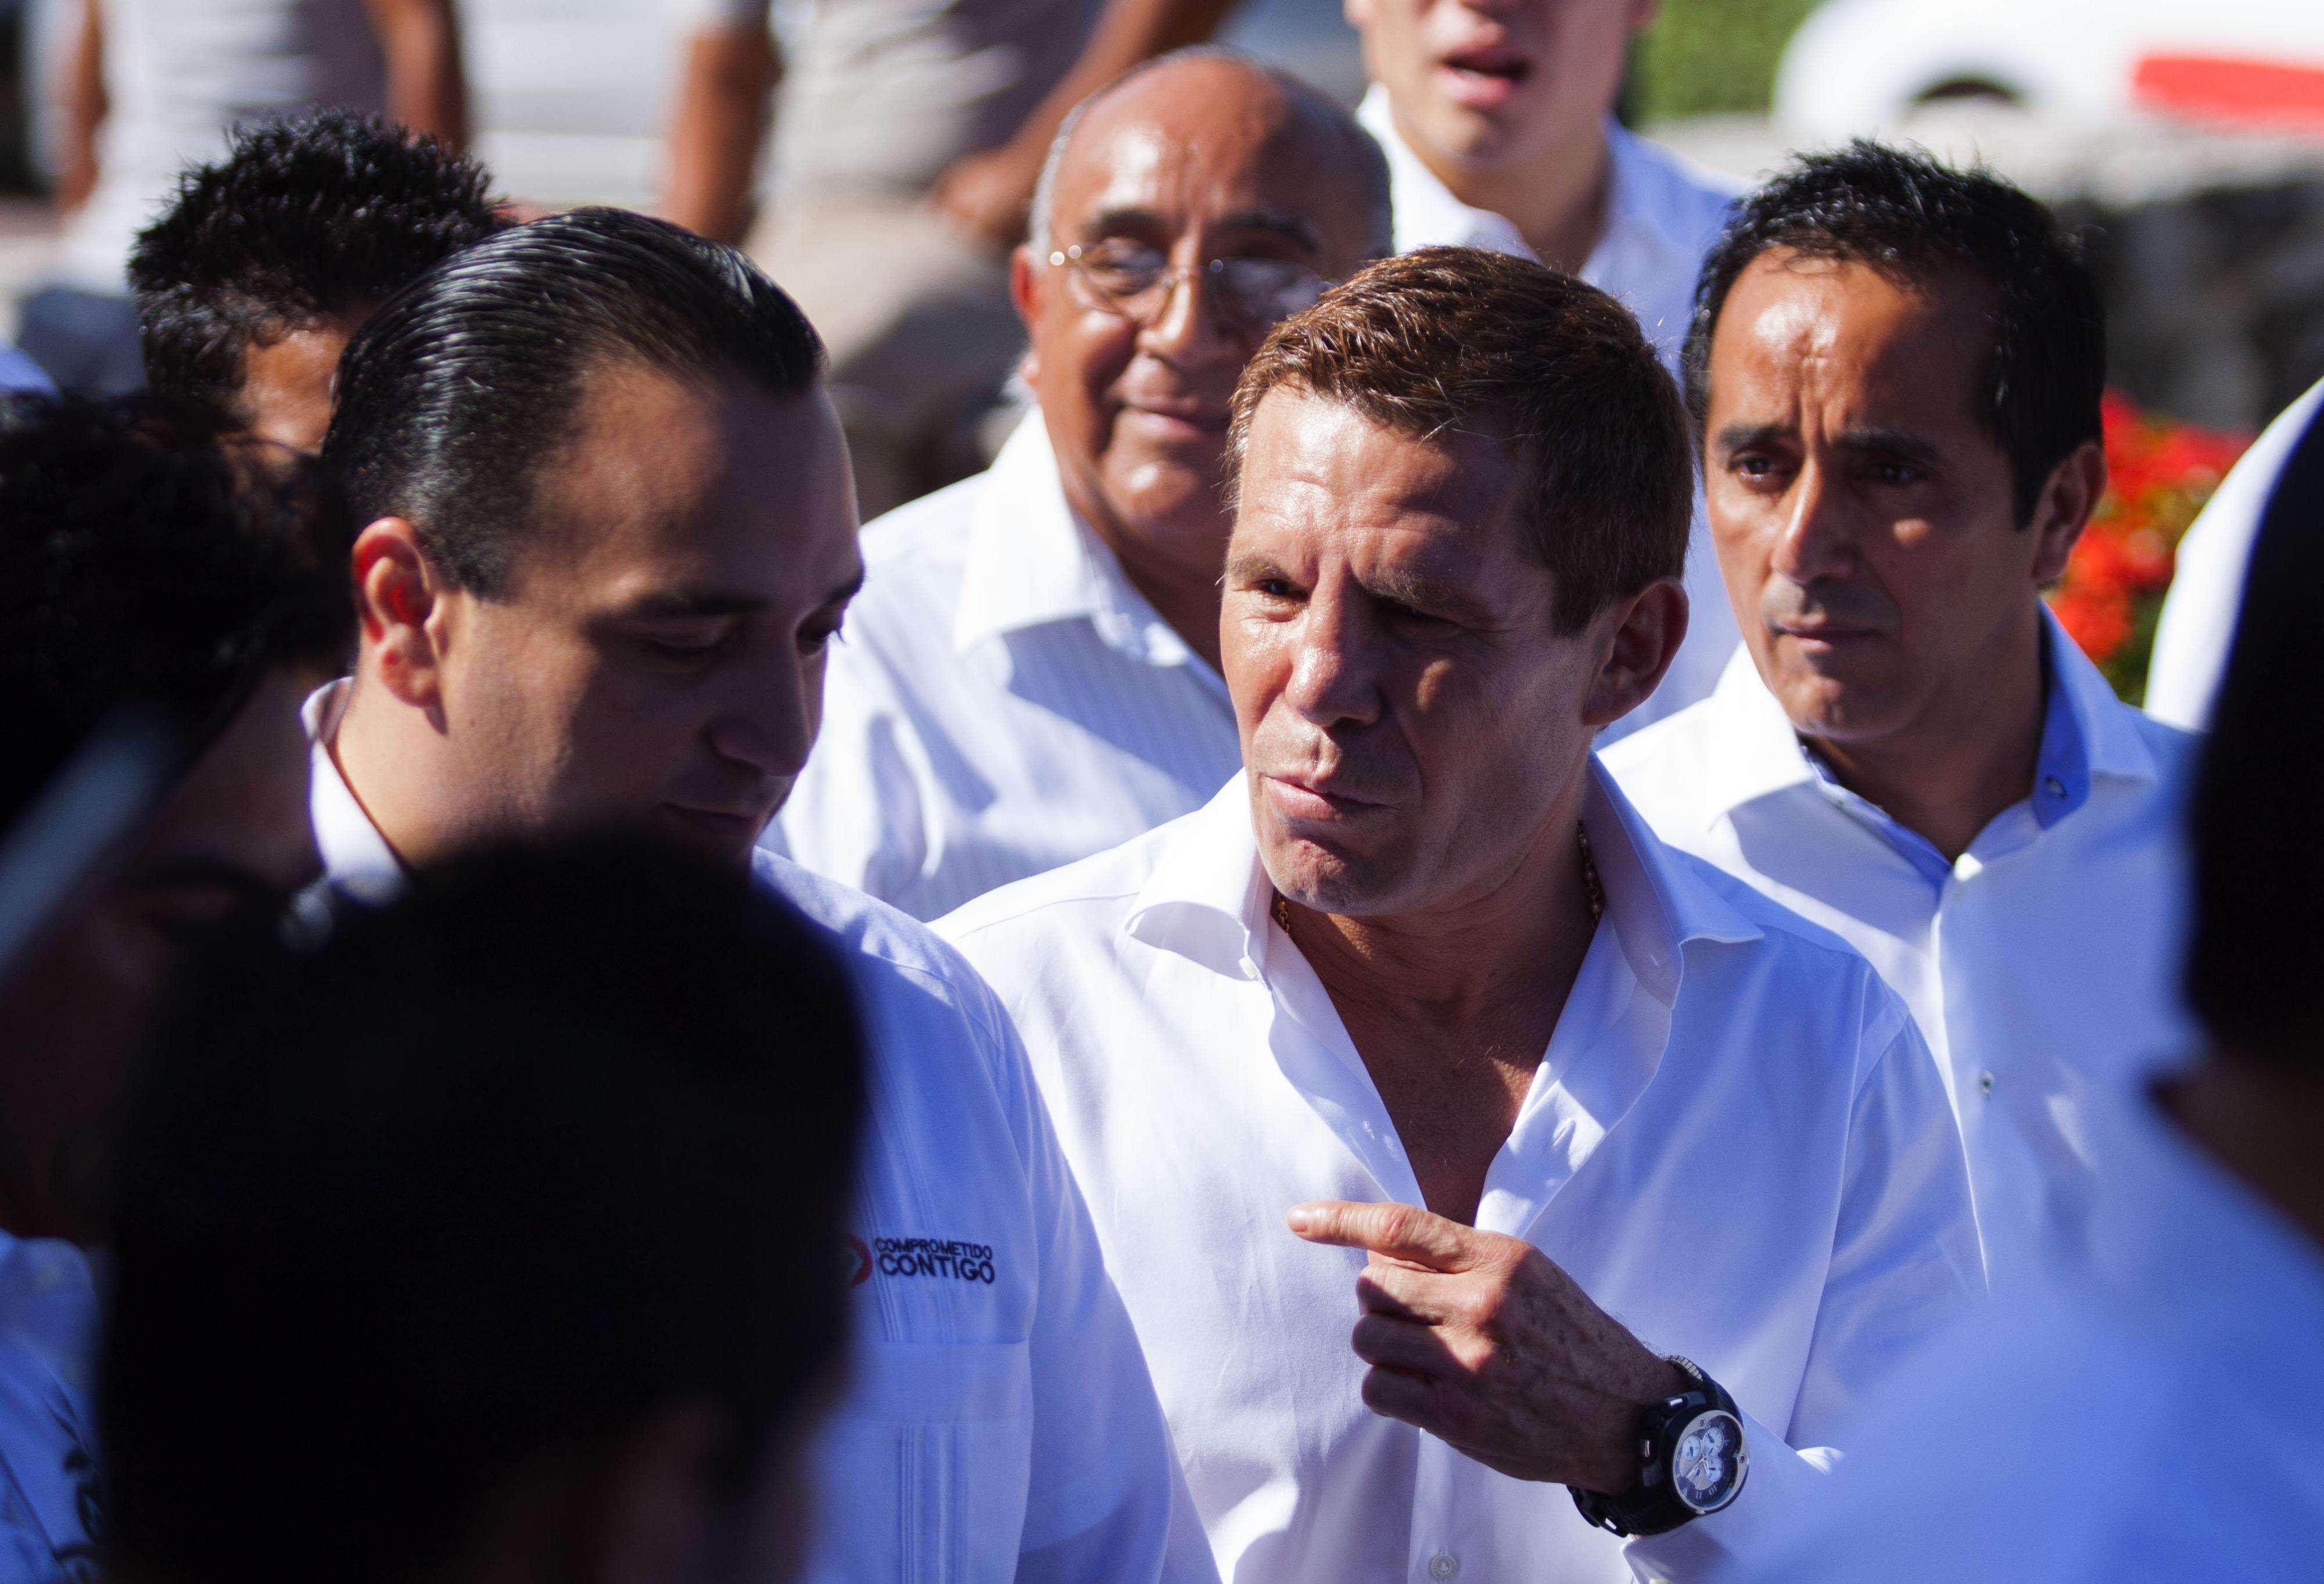 La única preocupación que tiene Chávez es su nariz. Foto: Mexsport